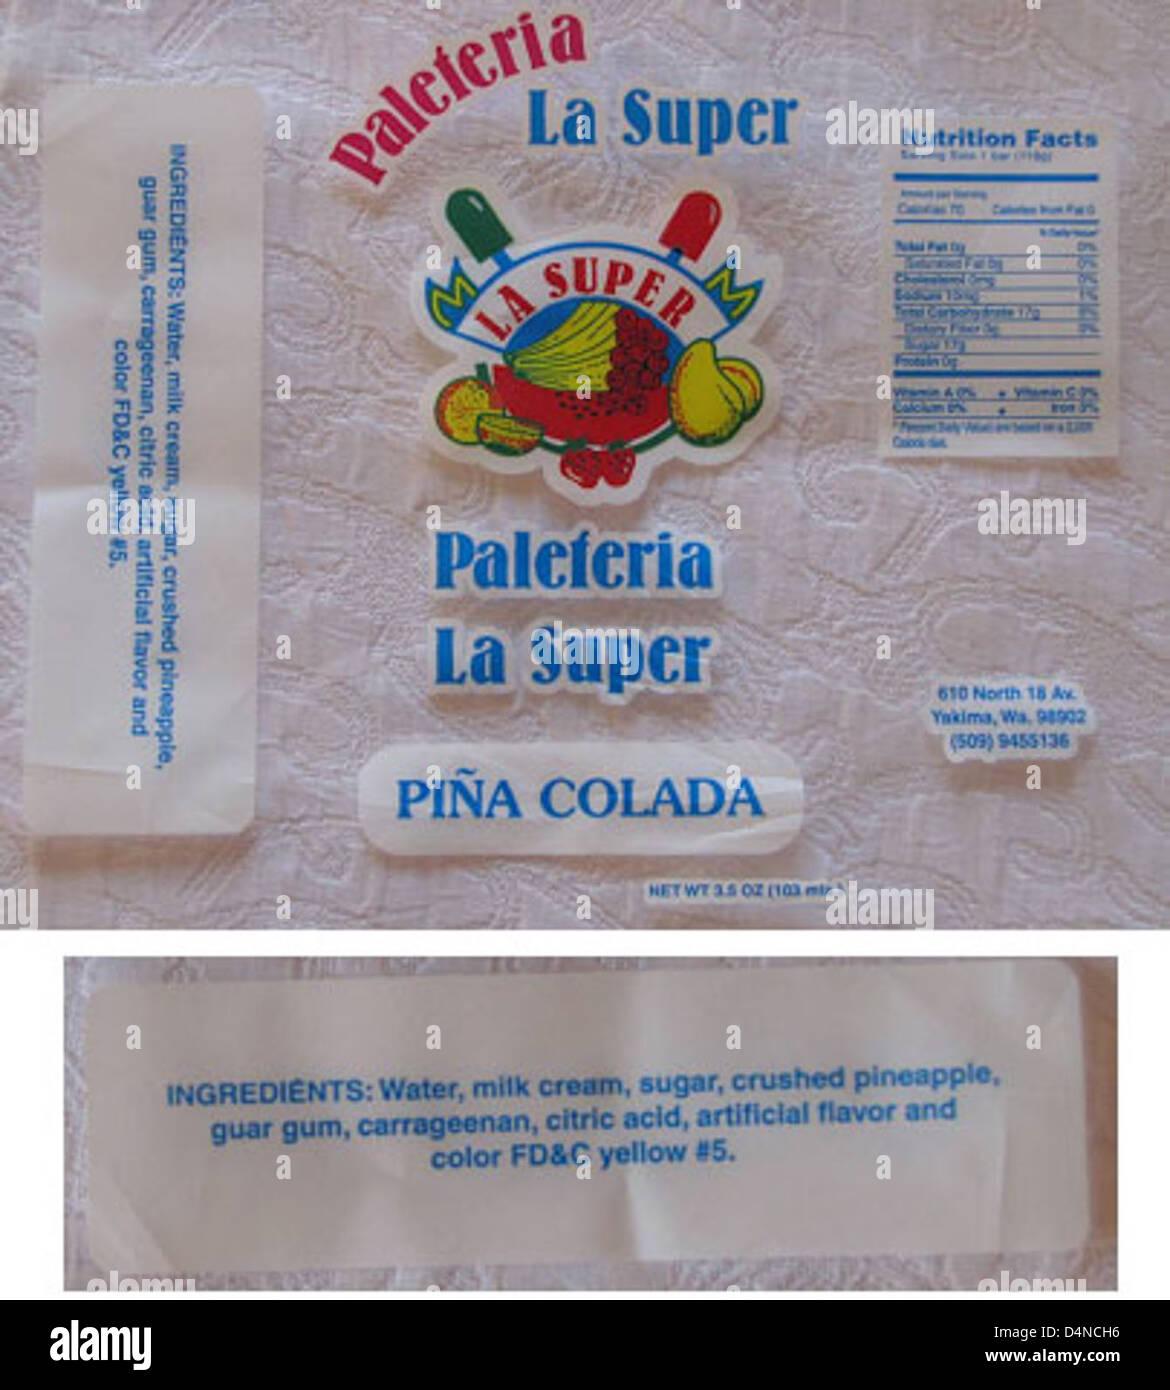 Recalled Paleteria La Super Pina Colada Flavored Ice Cream Bar